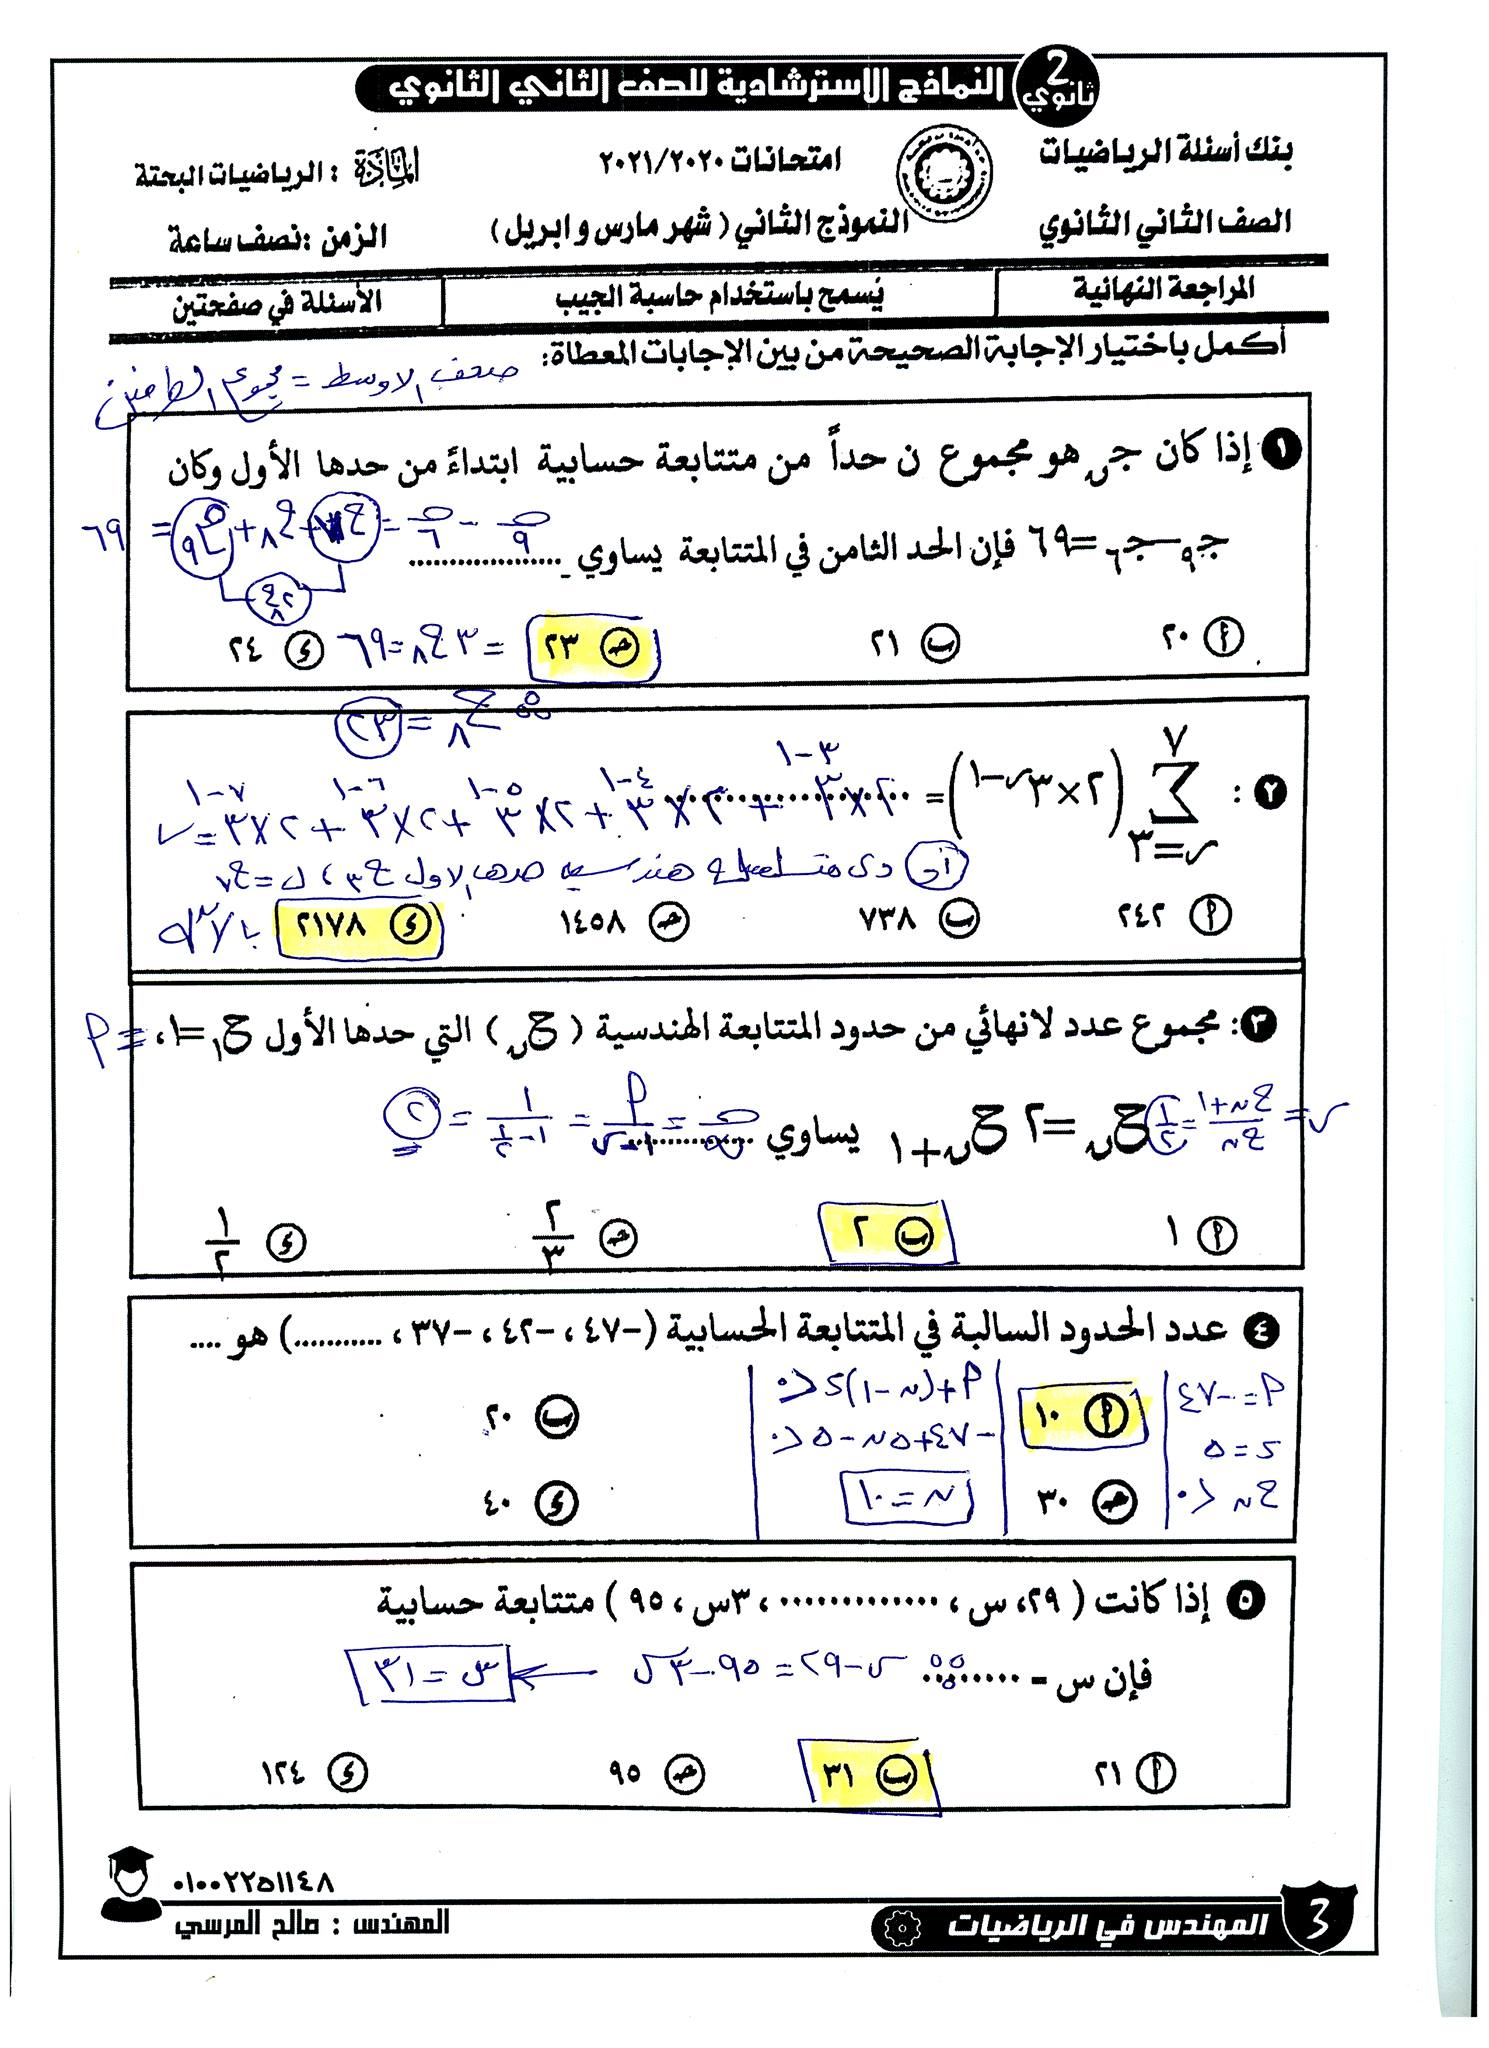 مراجعة ليلة امتحان الرياضيات البحتة للصف الثاني الثانوي بالاجابات 3